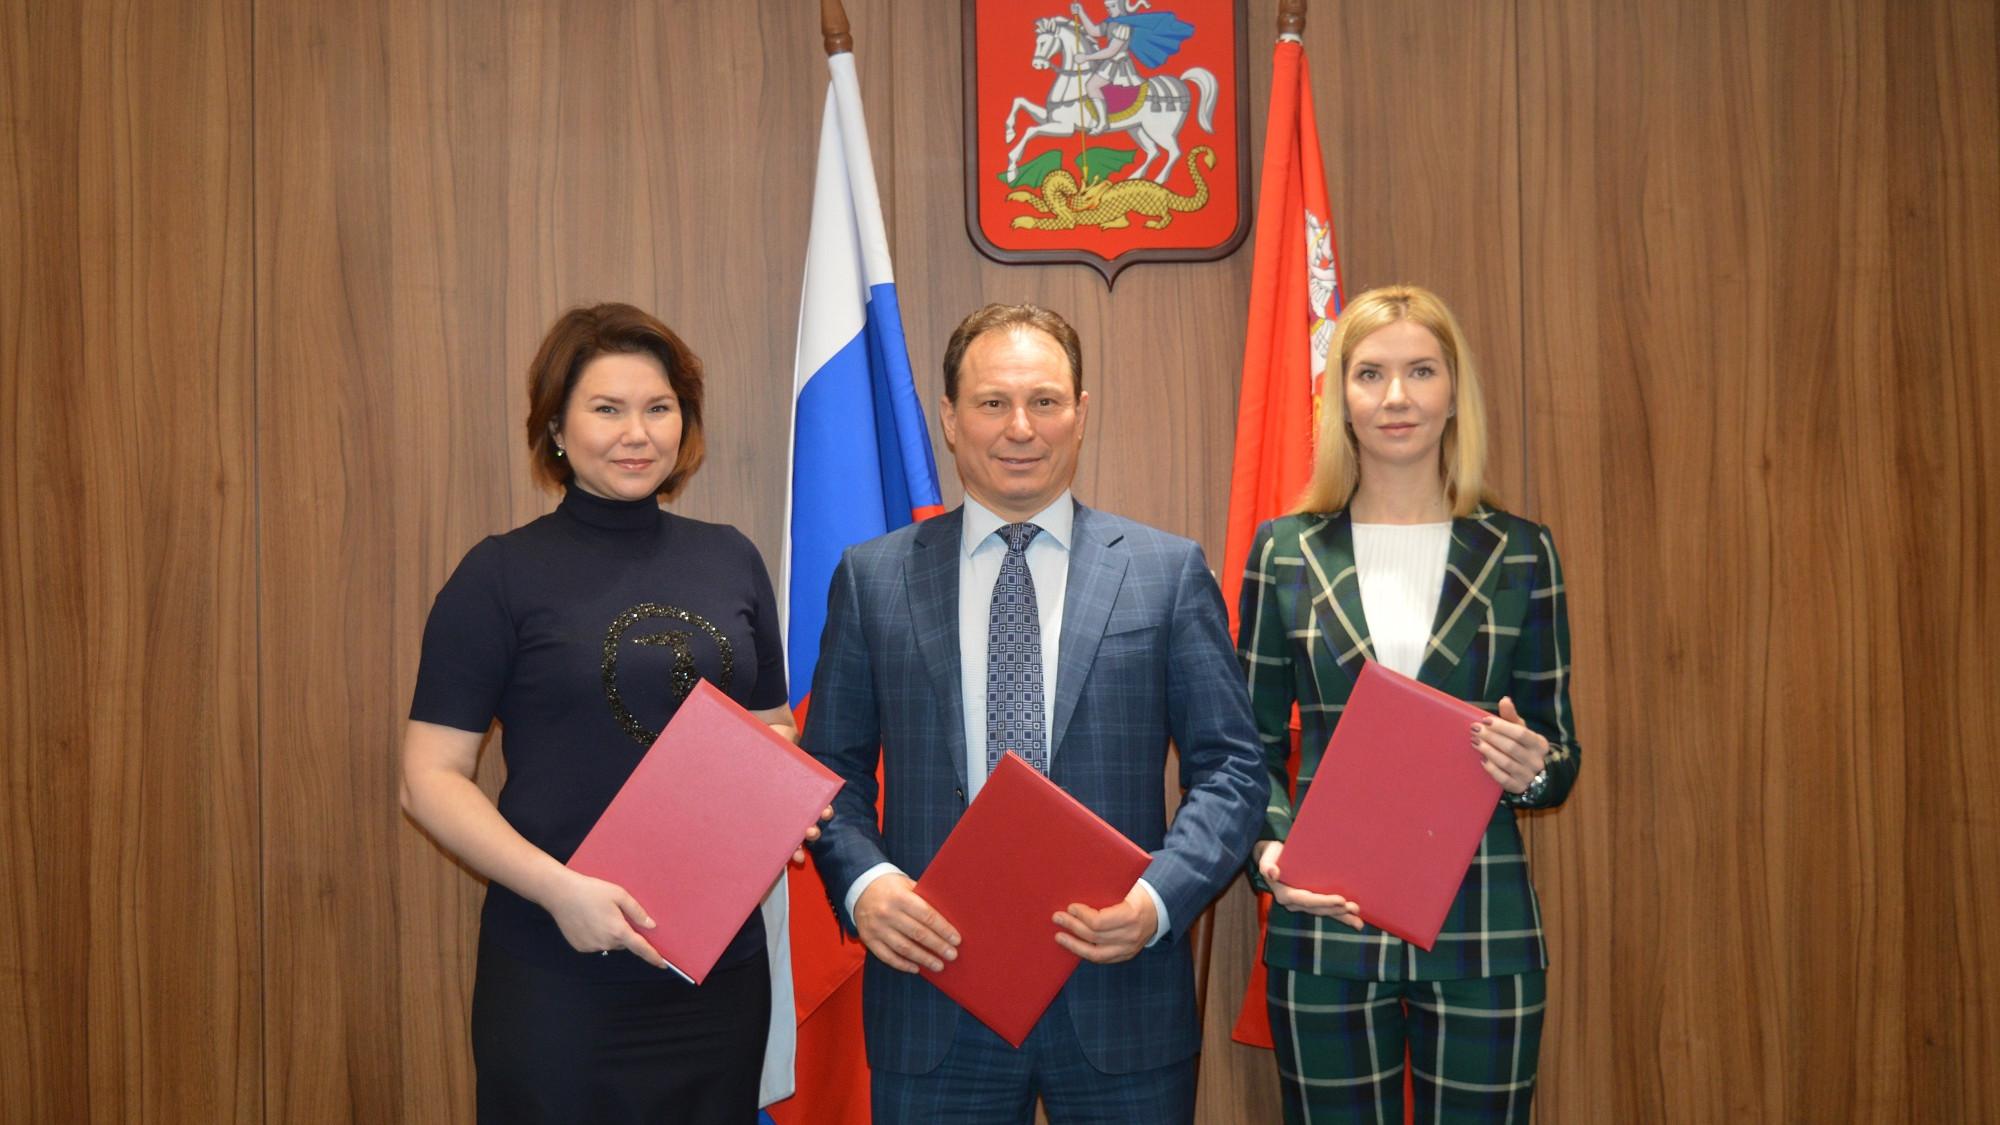 Головнев подписал соглашение о сотрудничестве с Комитетом лесного хозяйства и Центром медиации